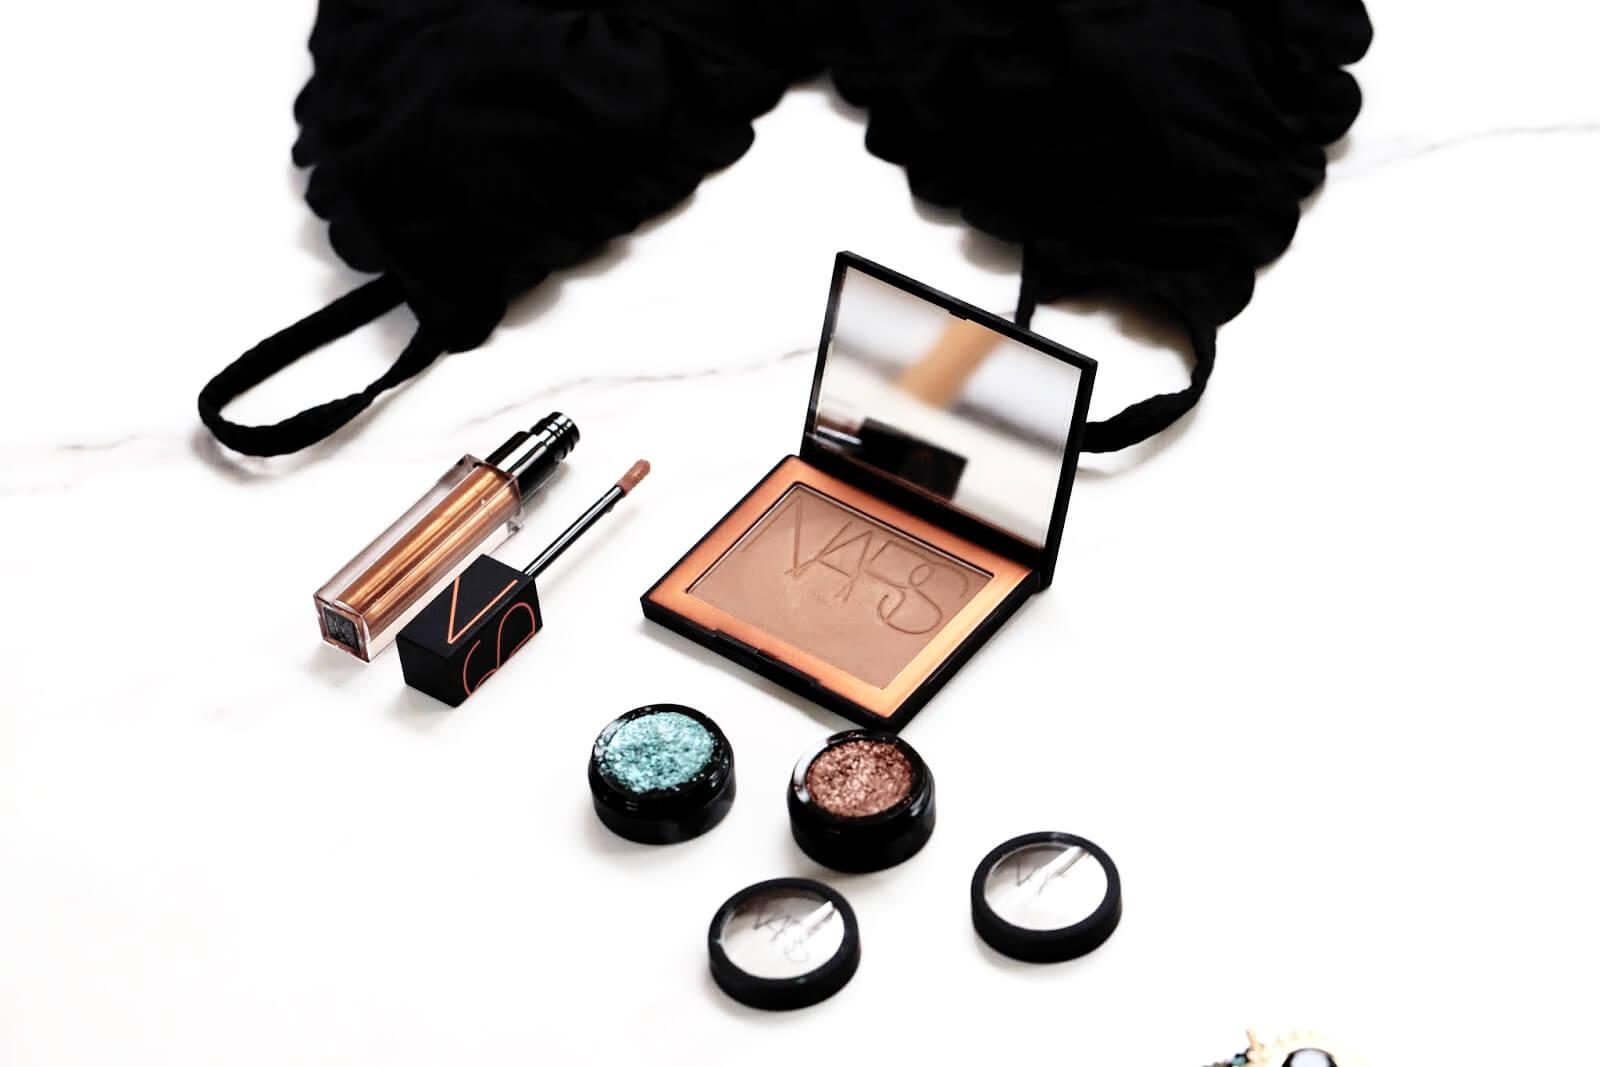 Nars Maquillage été 2020 revue